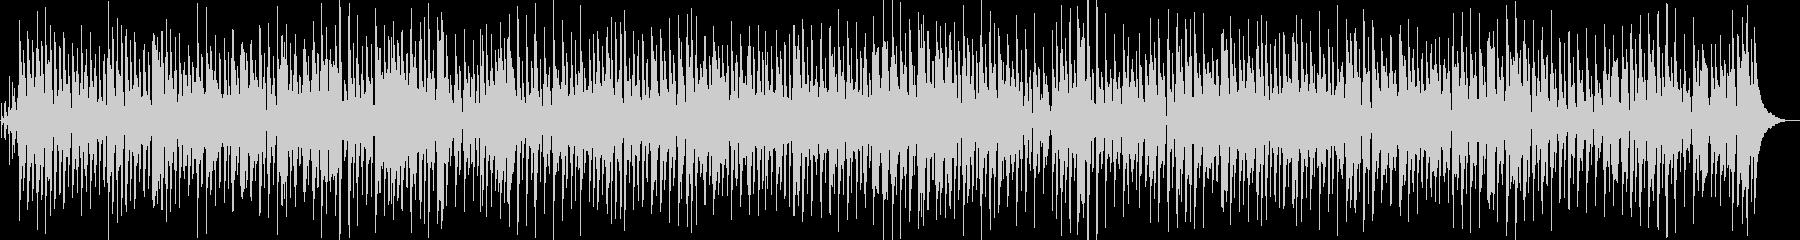 世界の魅力発見的ジャズBGMの未再生の波形